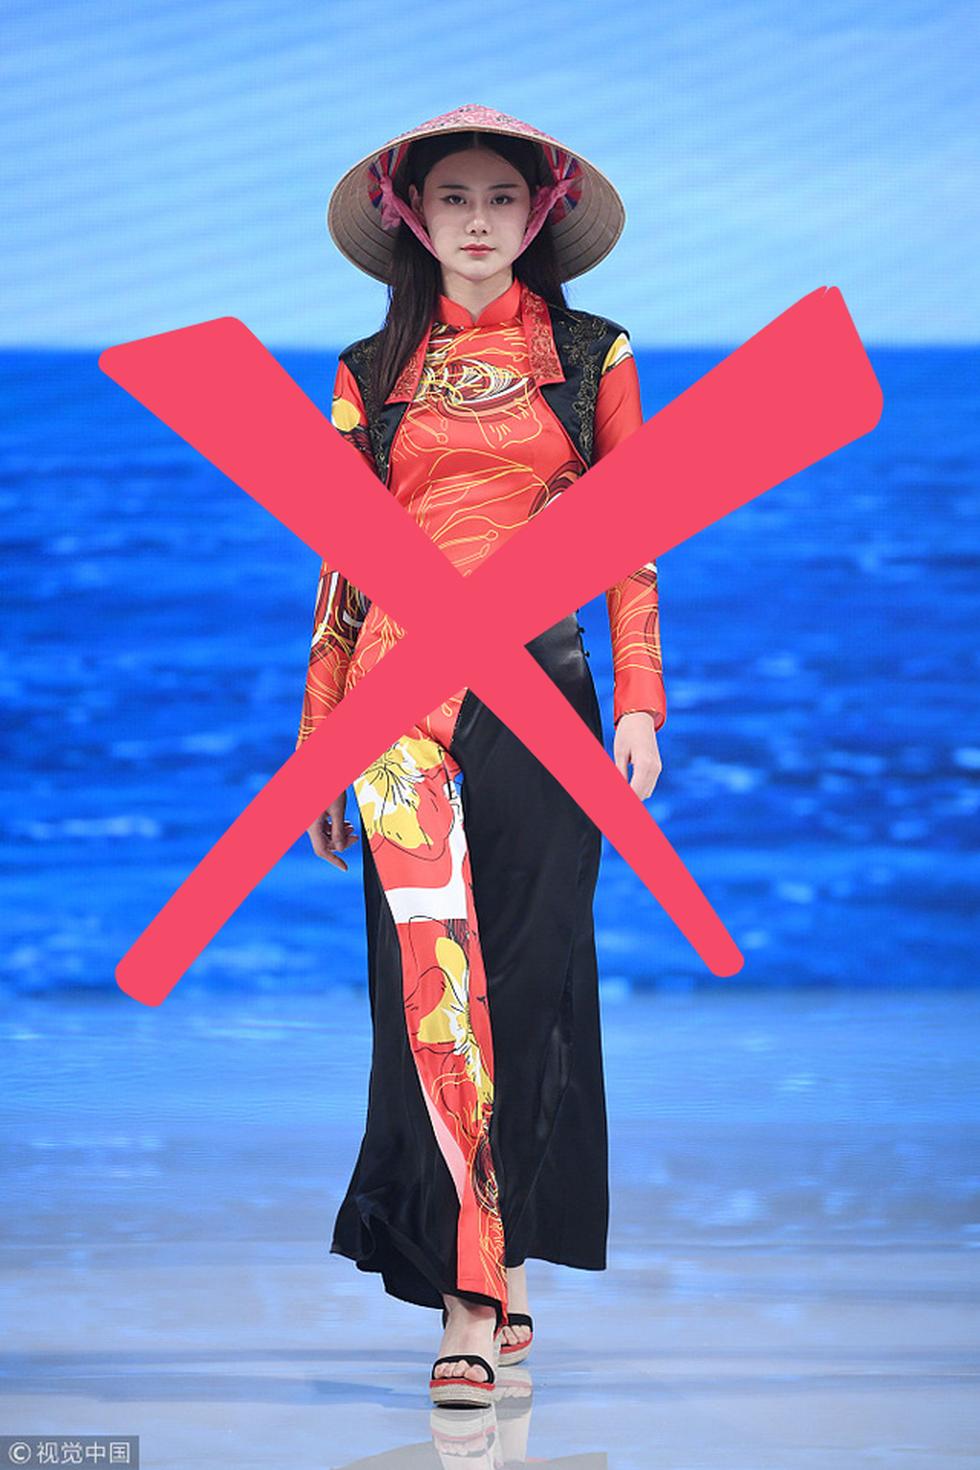 Nhà thiết kế Trung Quốc từng xài mẫu áo dài Việt, giờ nói về phẩm giá trang phục Trung Quốc - Ảnh 1.